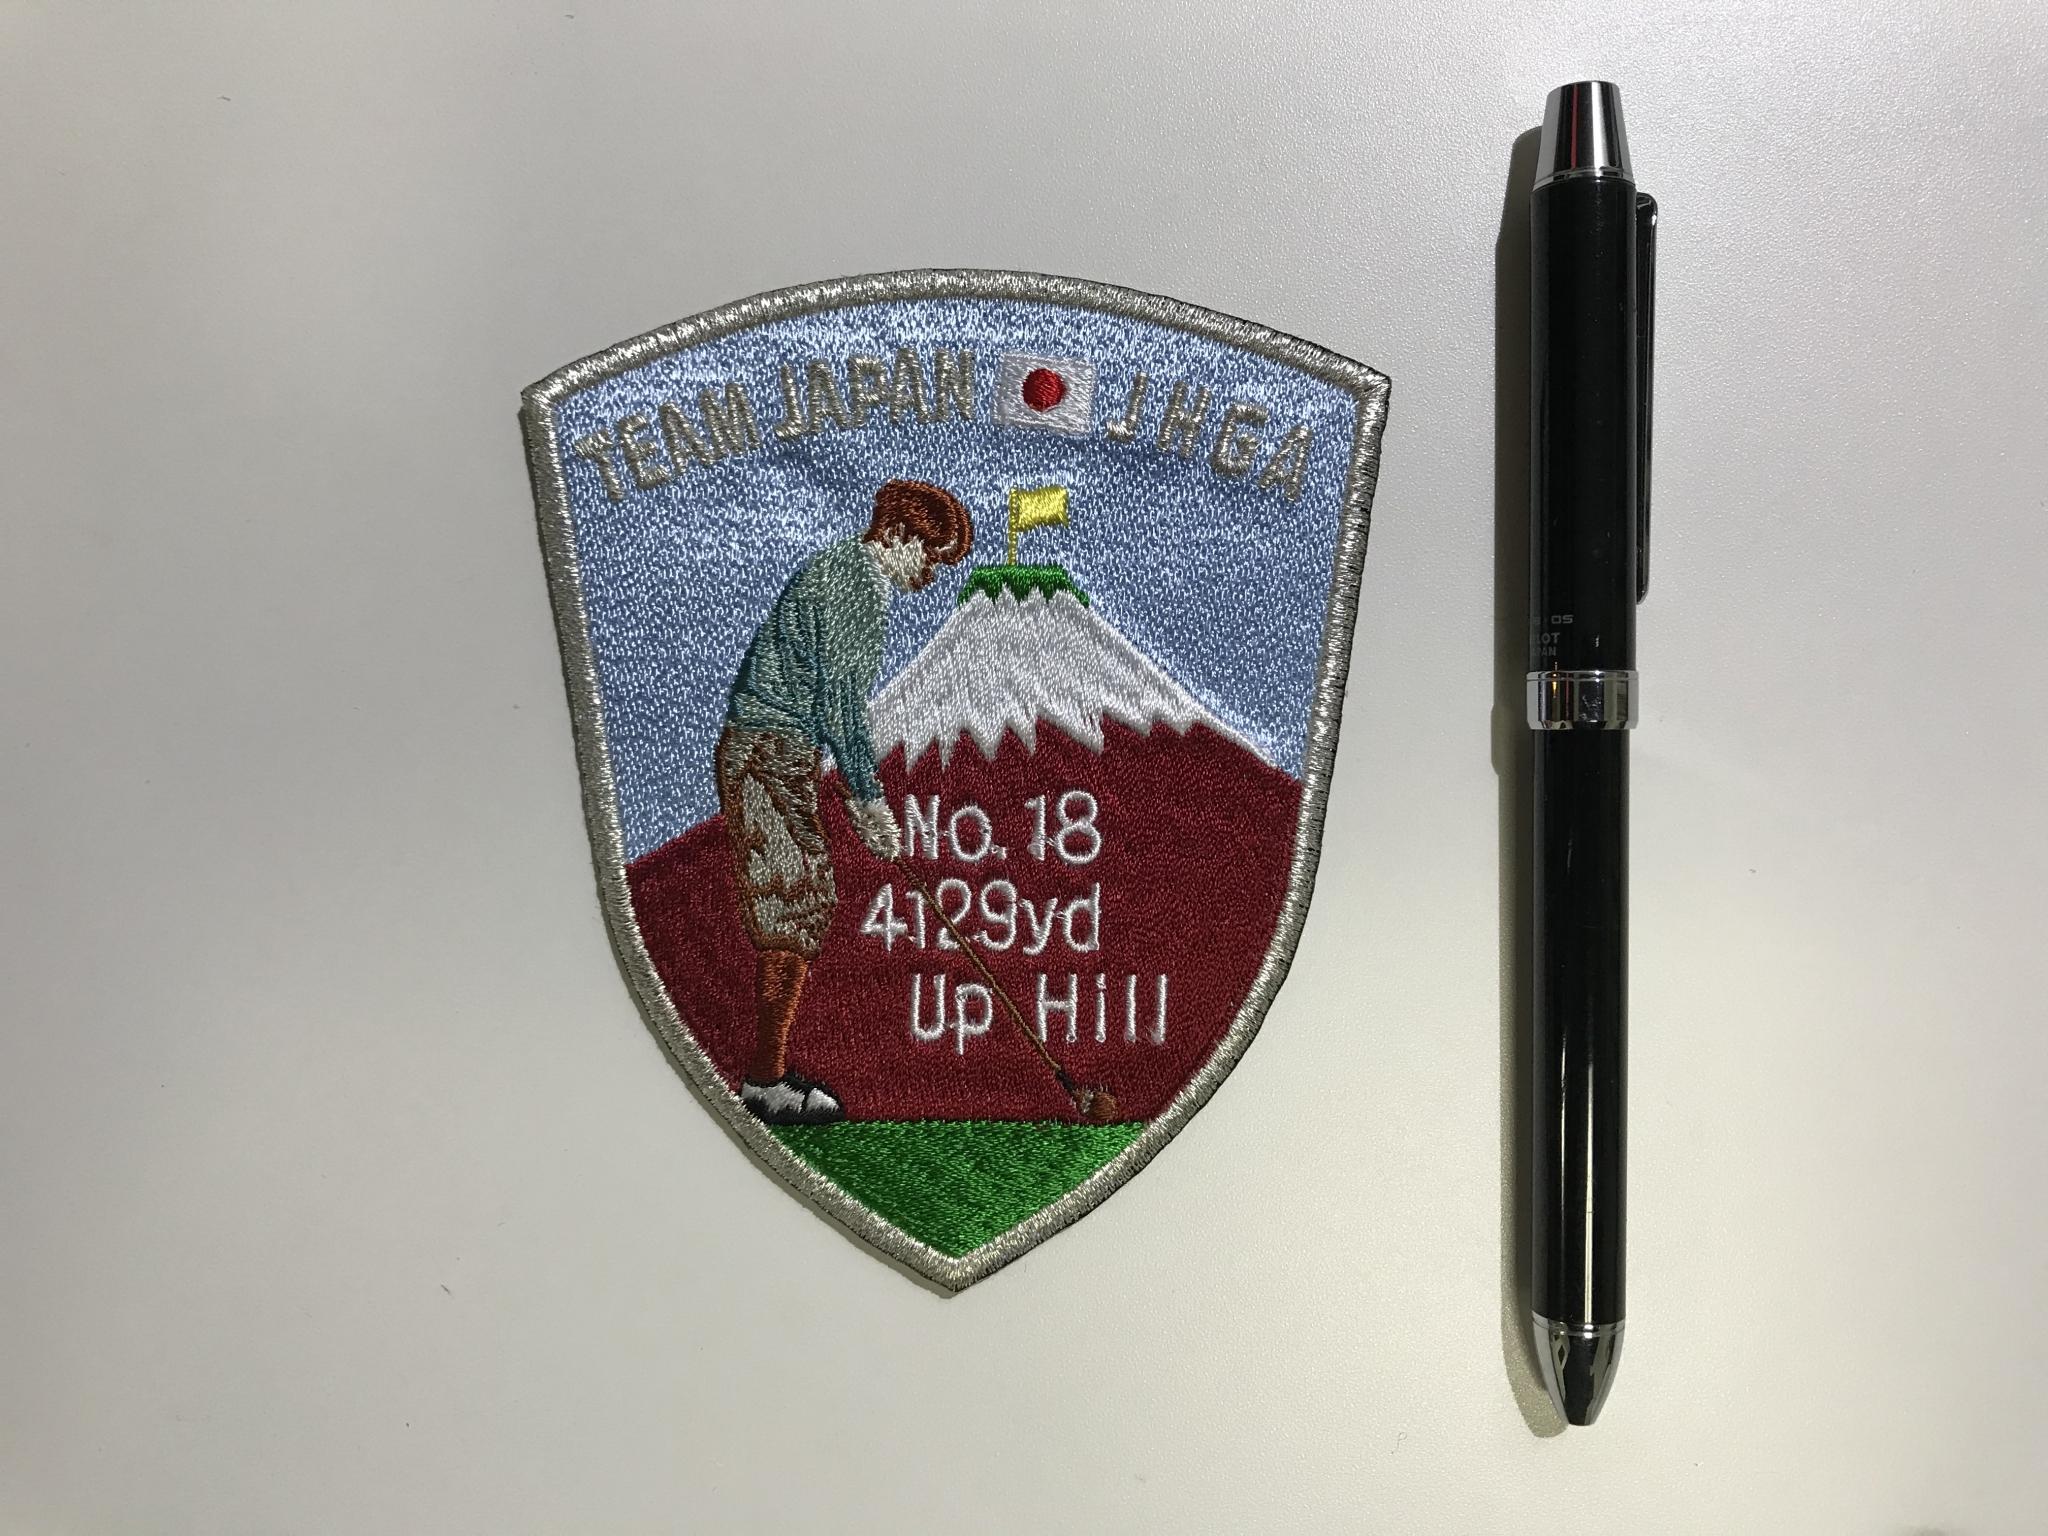 2A9F3FA0-BE3E-45A9-87D6-6F1DBFDA91D6